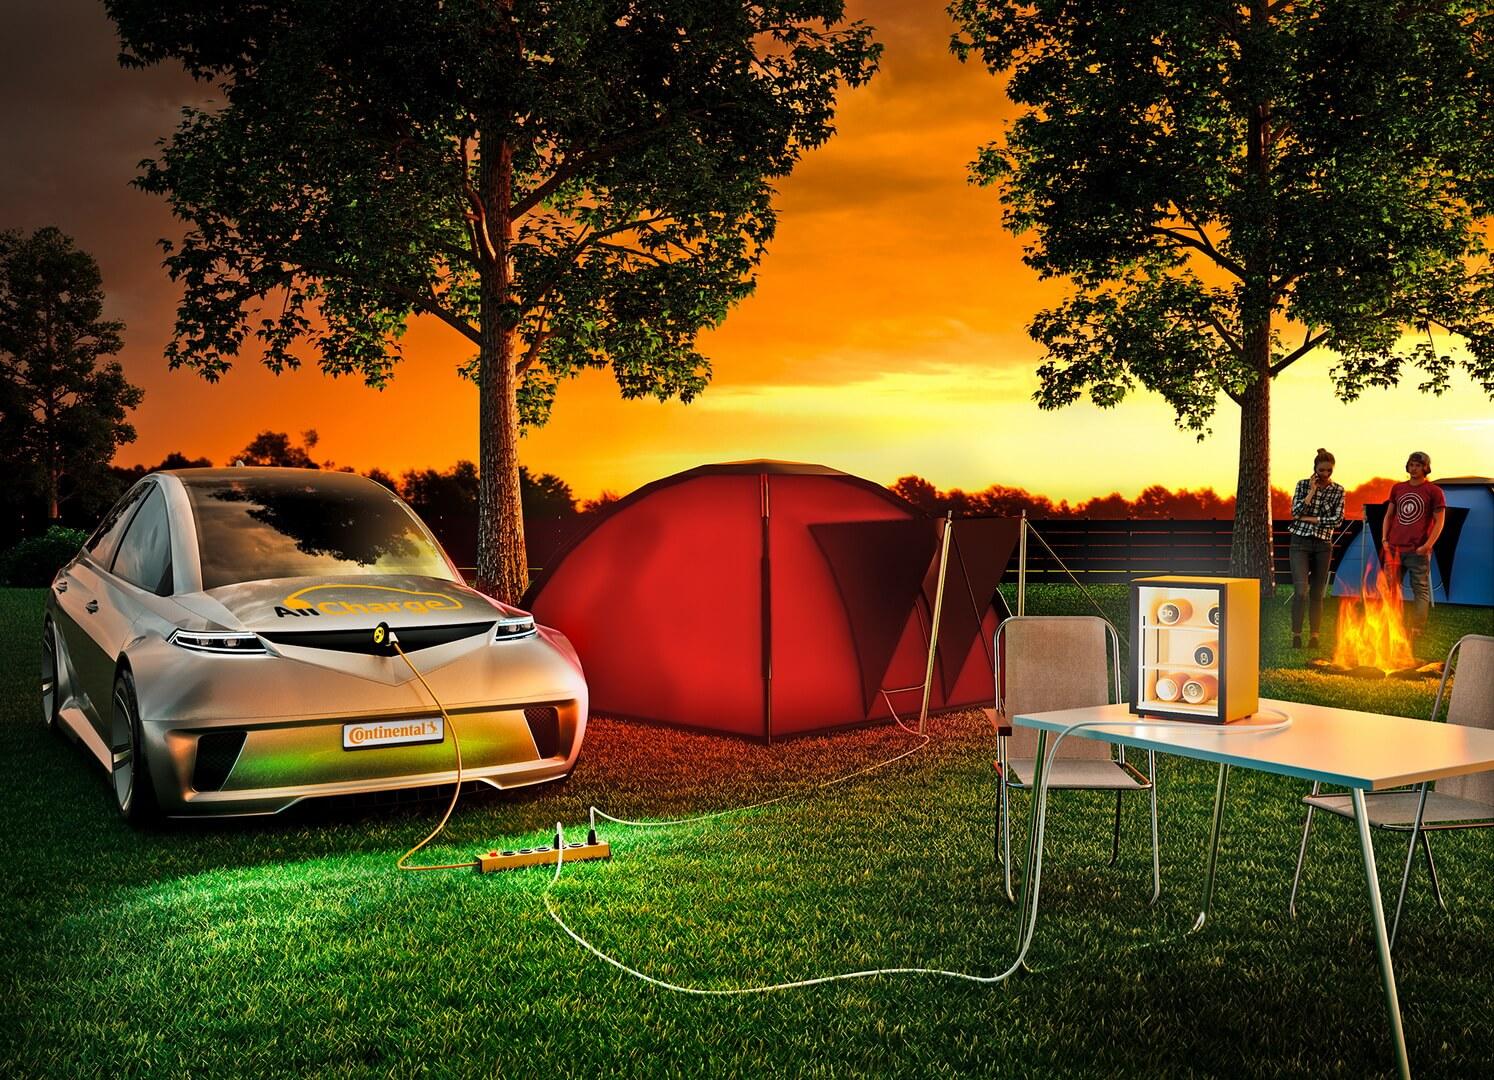 Передача энергии отаккумулятора электрических видов транспорта кдругим устройствам